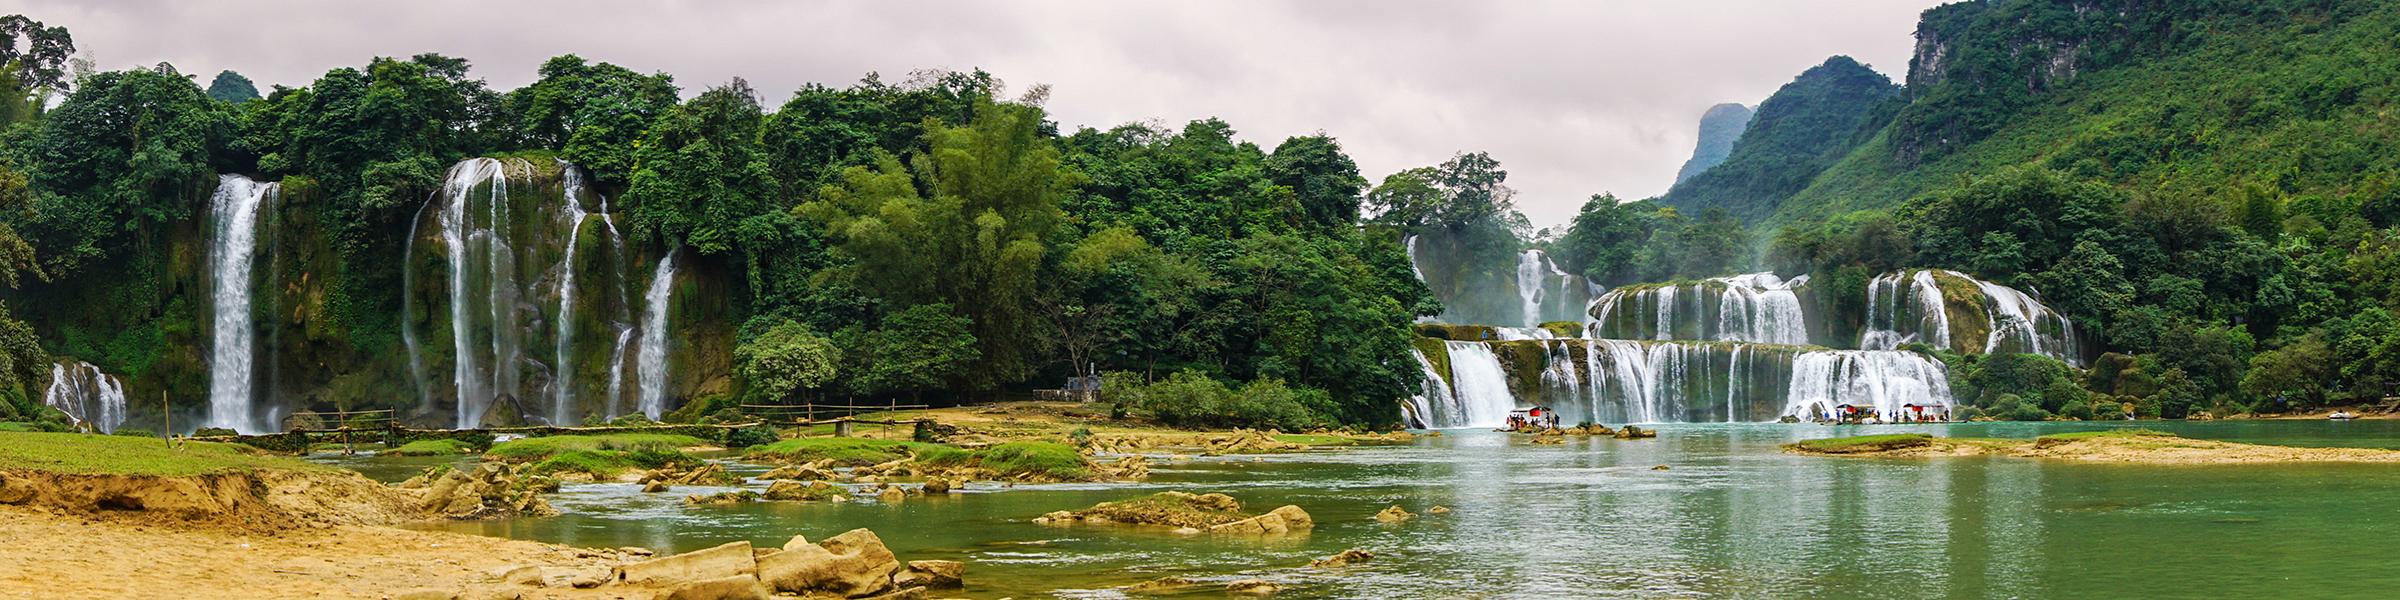 Vietnam Detian Falls